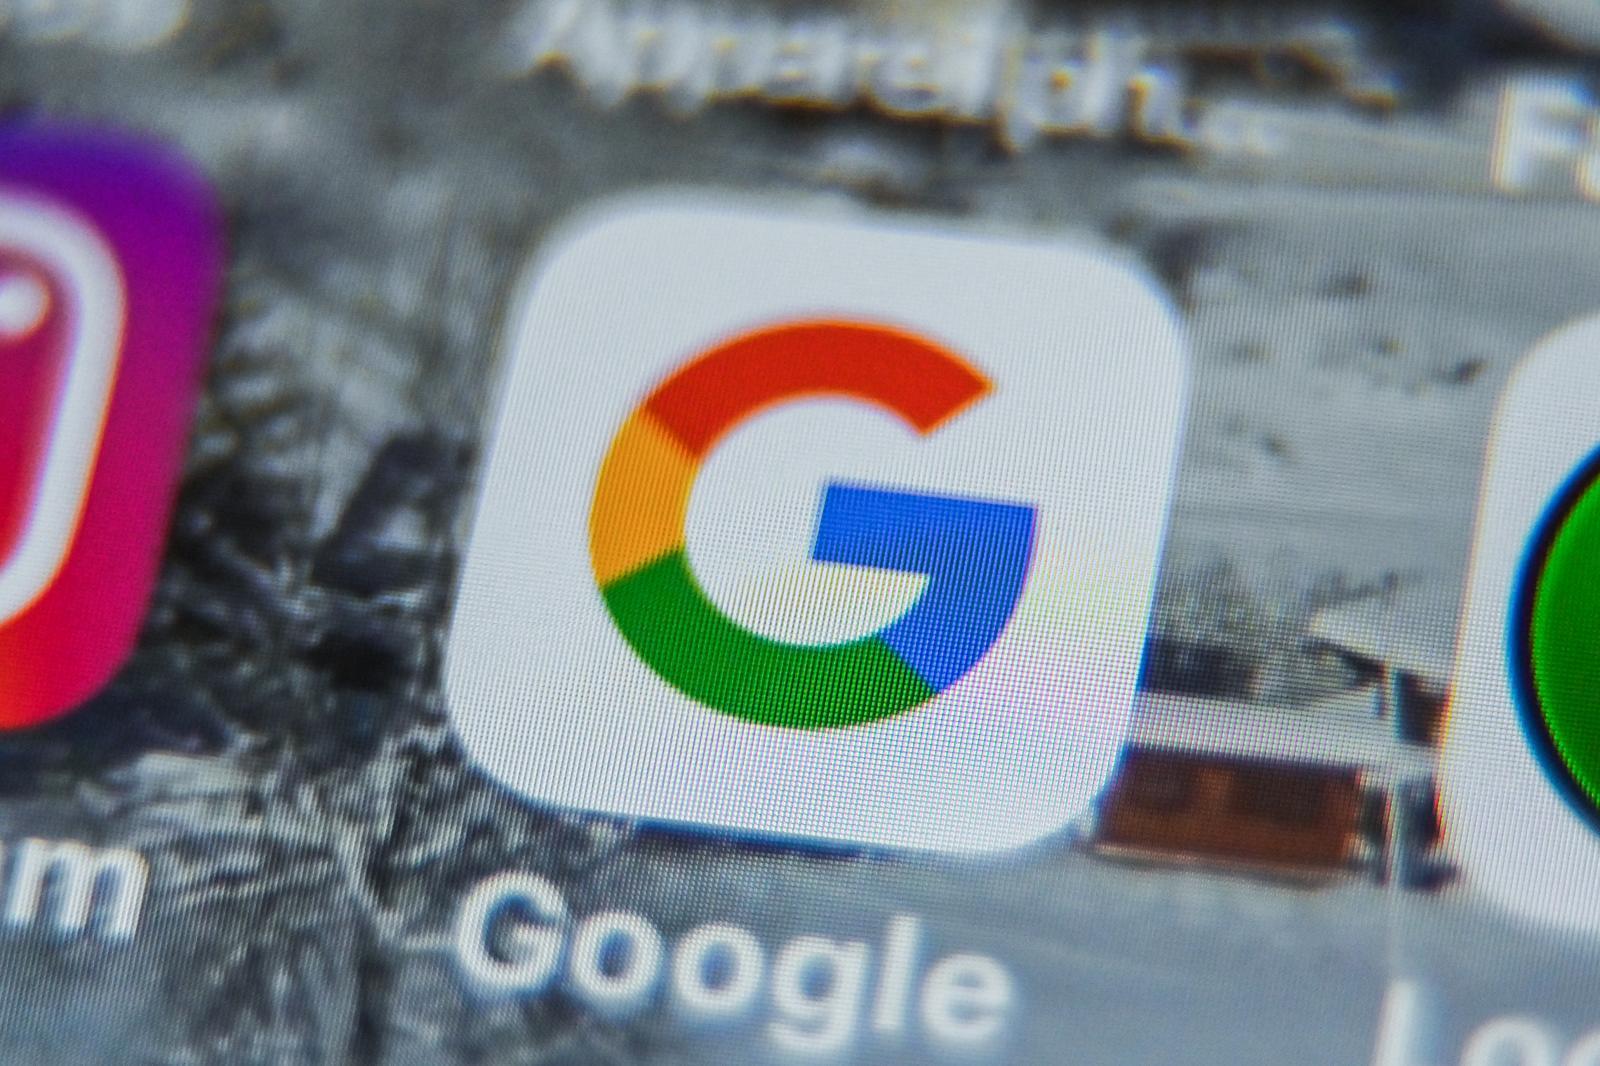 """สหรัฐฯ เริ่มสอบ """"กูเกิล"""" หาข้อเท็จจริงกรณีผูกขาดการค้า"""